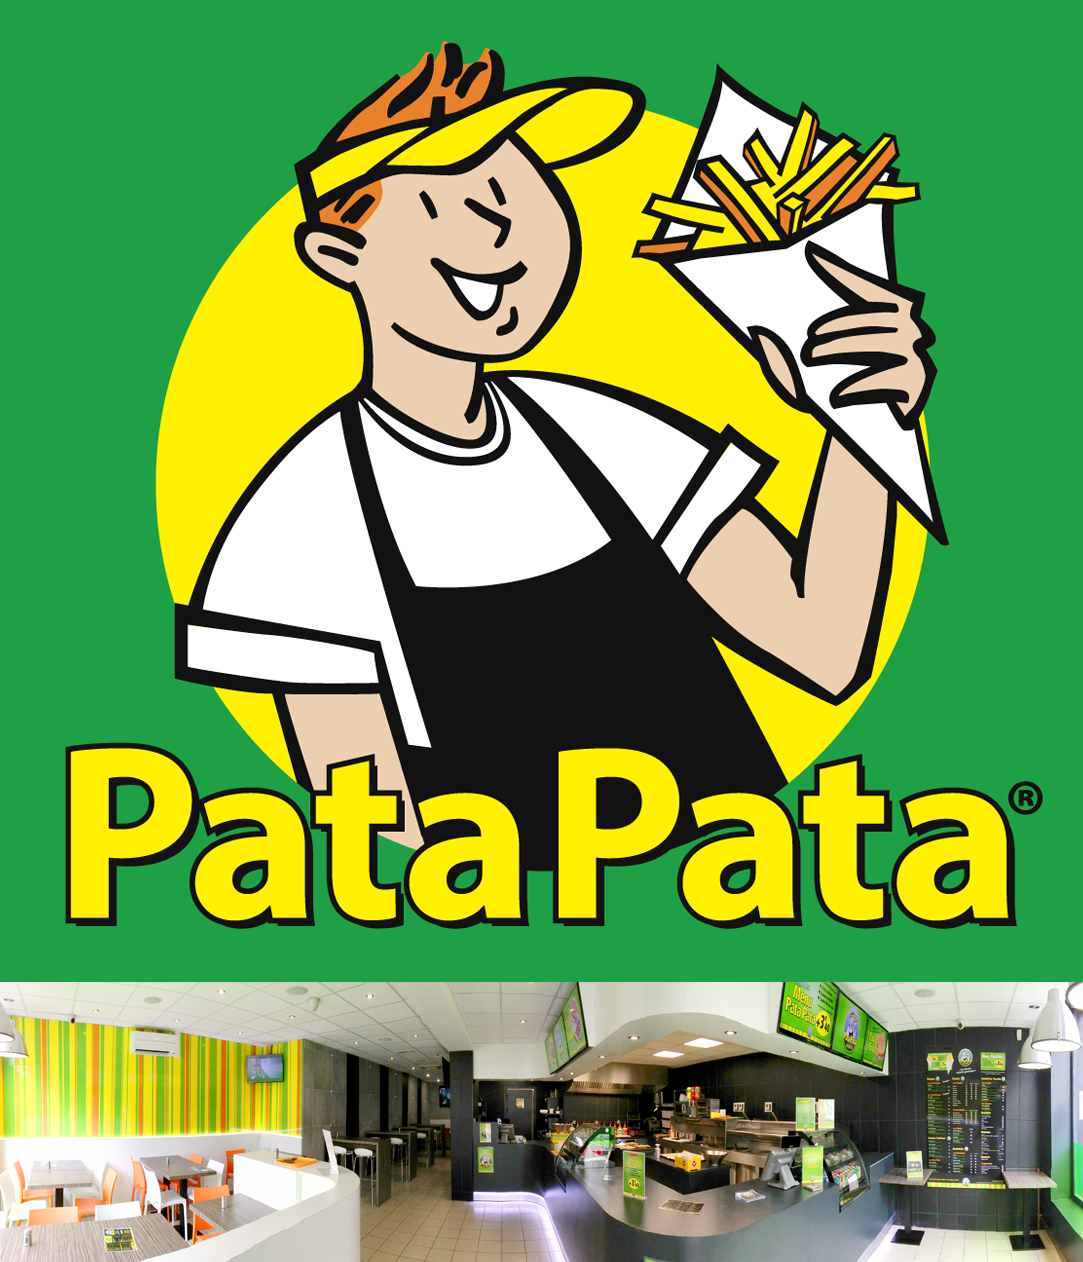 Pata pata villeneuve d 39 ascq sur le portail des friteries - Top office villeneuve d ascq horaires ...